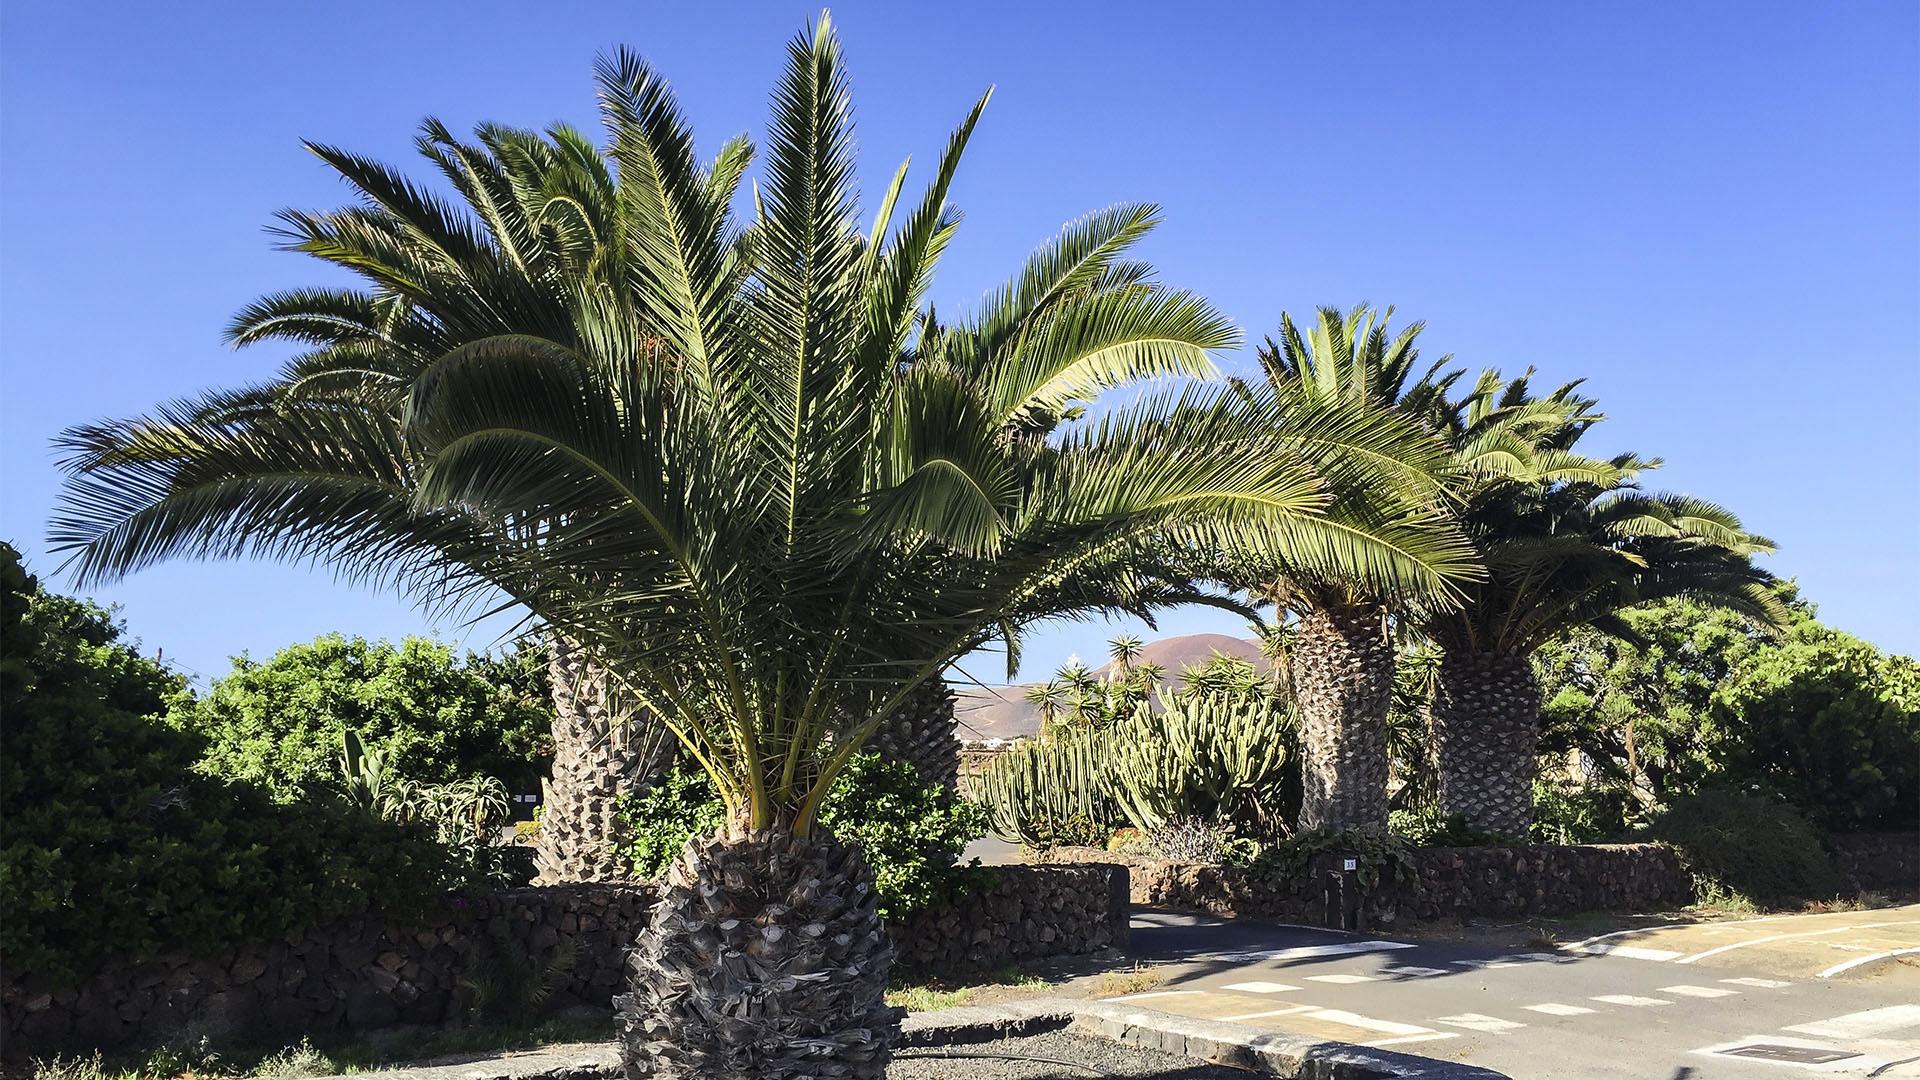 Städte und Ortschaften Fuerteventuras: Lajares